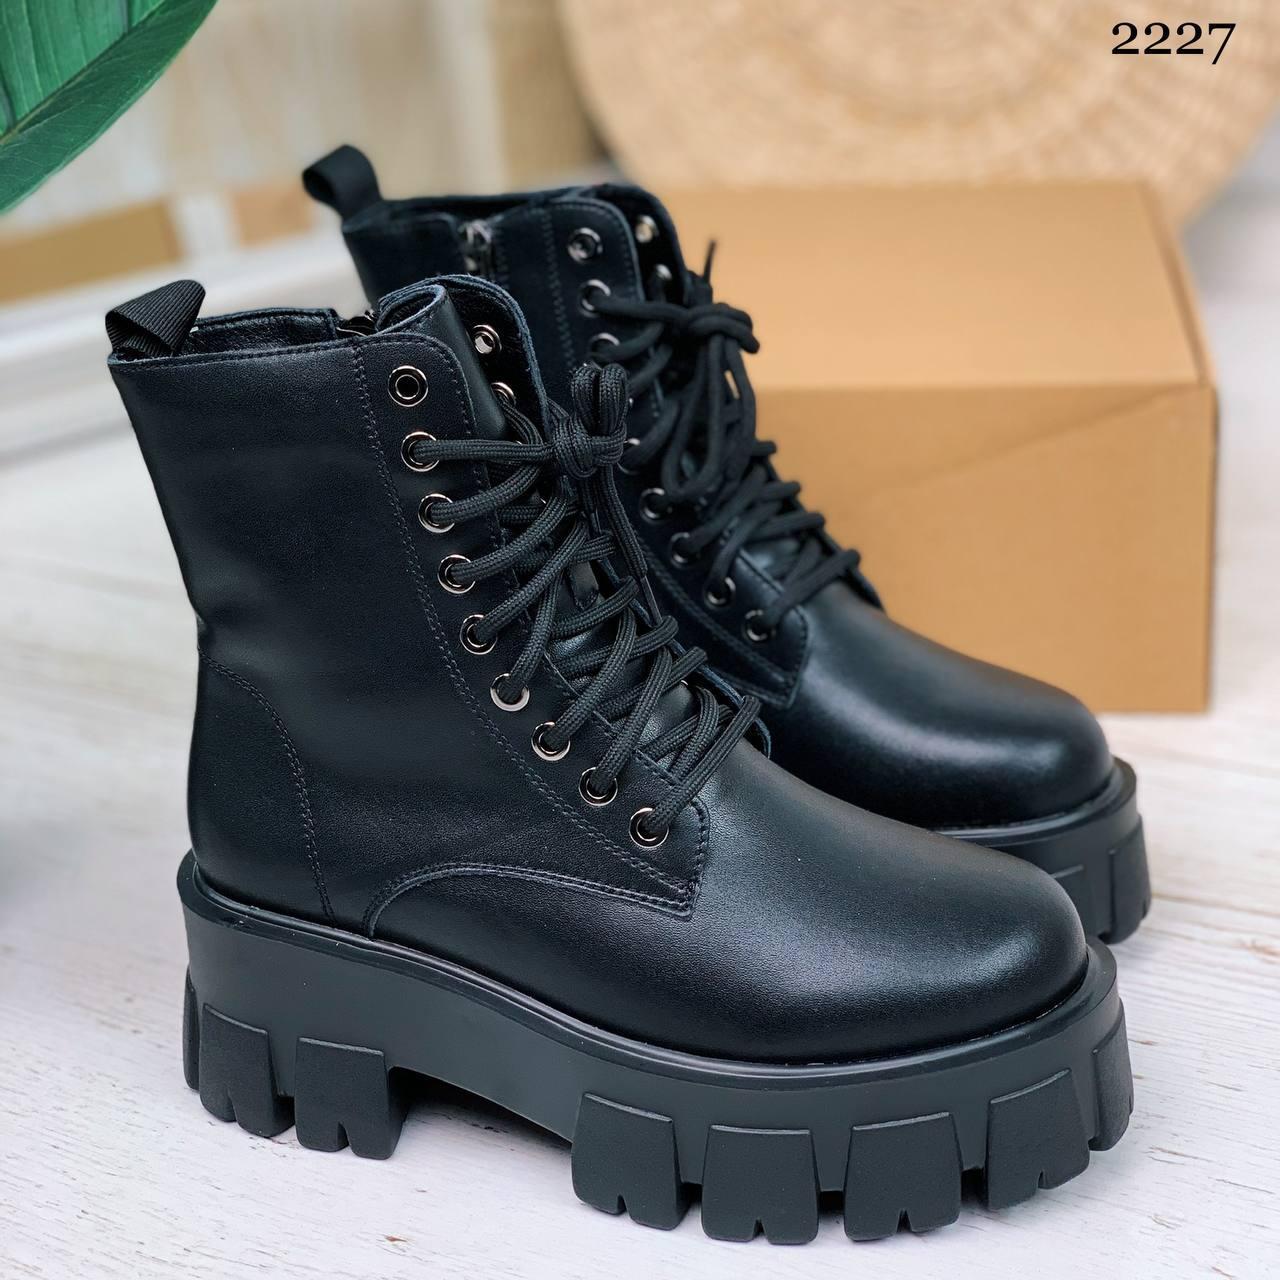 Только 38 р! Женские ботинки ДЕМИ черные на шнурках натуральная кожа